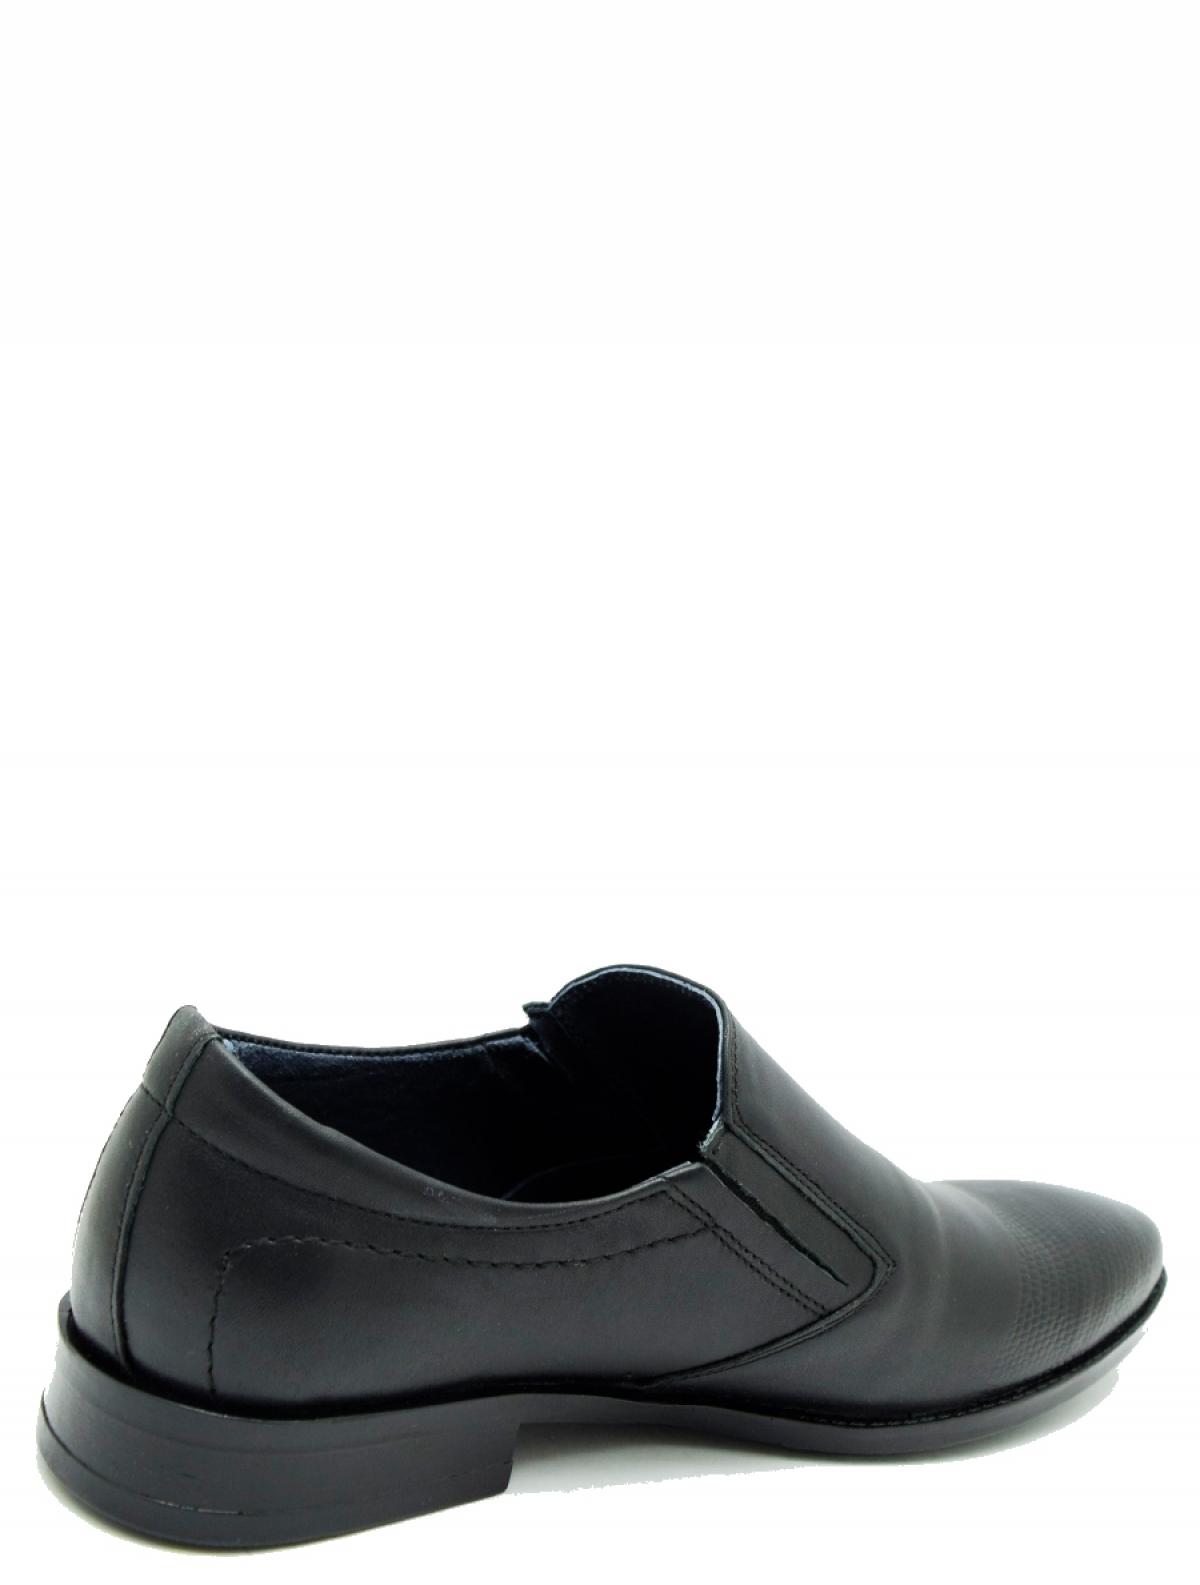 AG 3289 мужские туфли